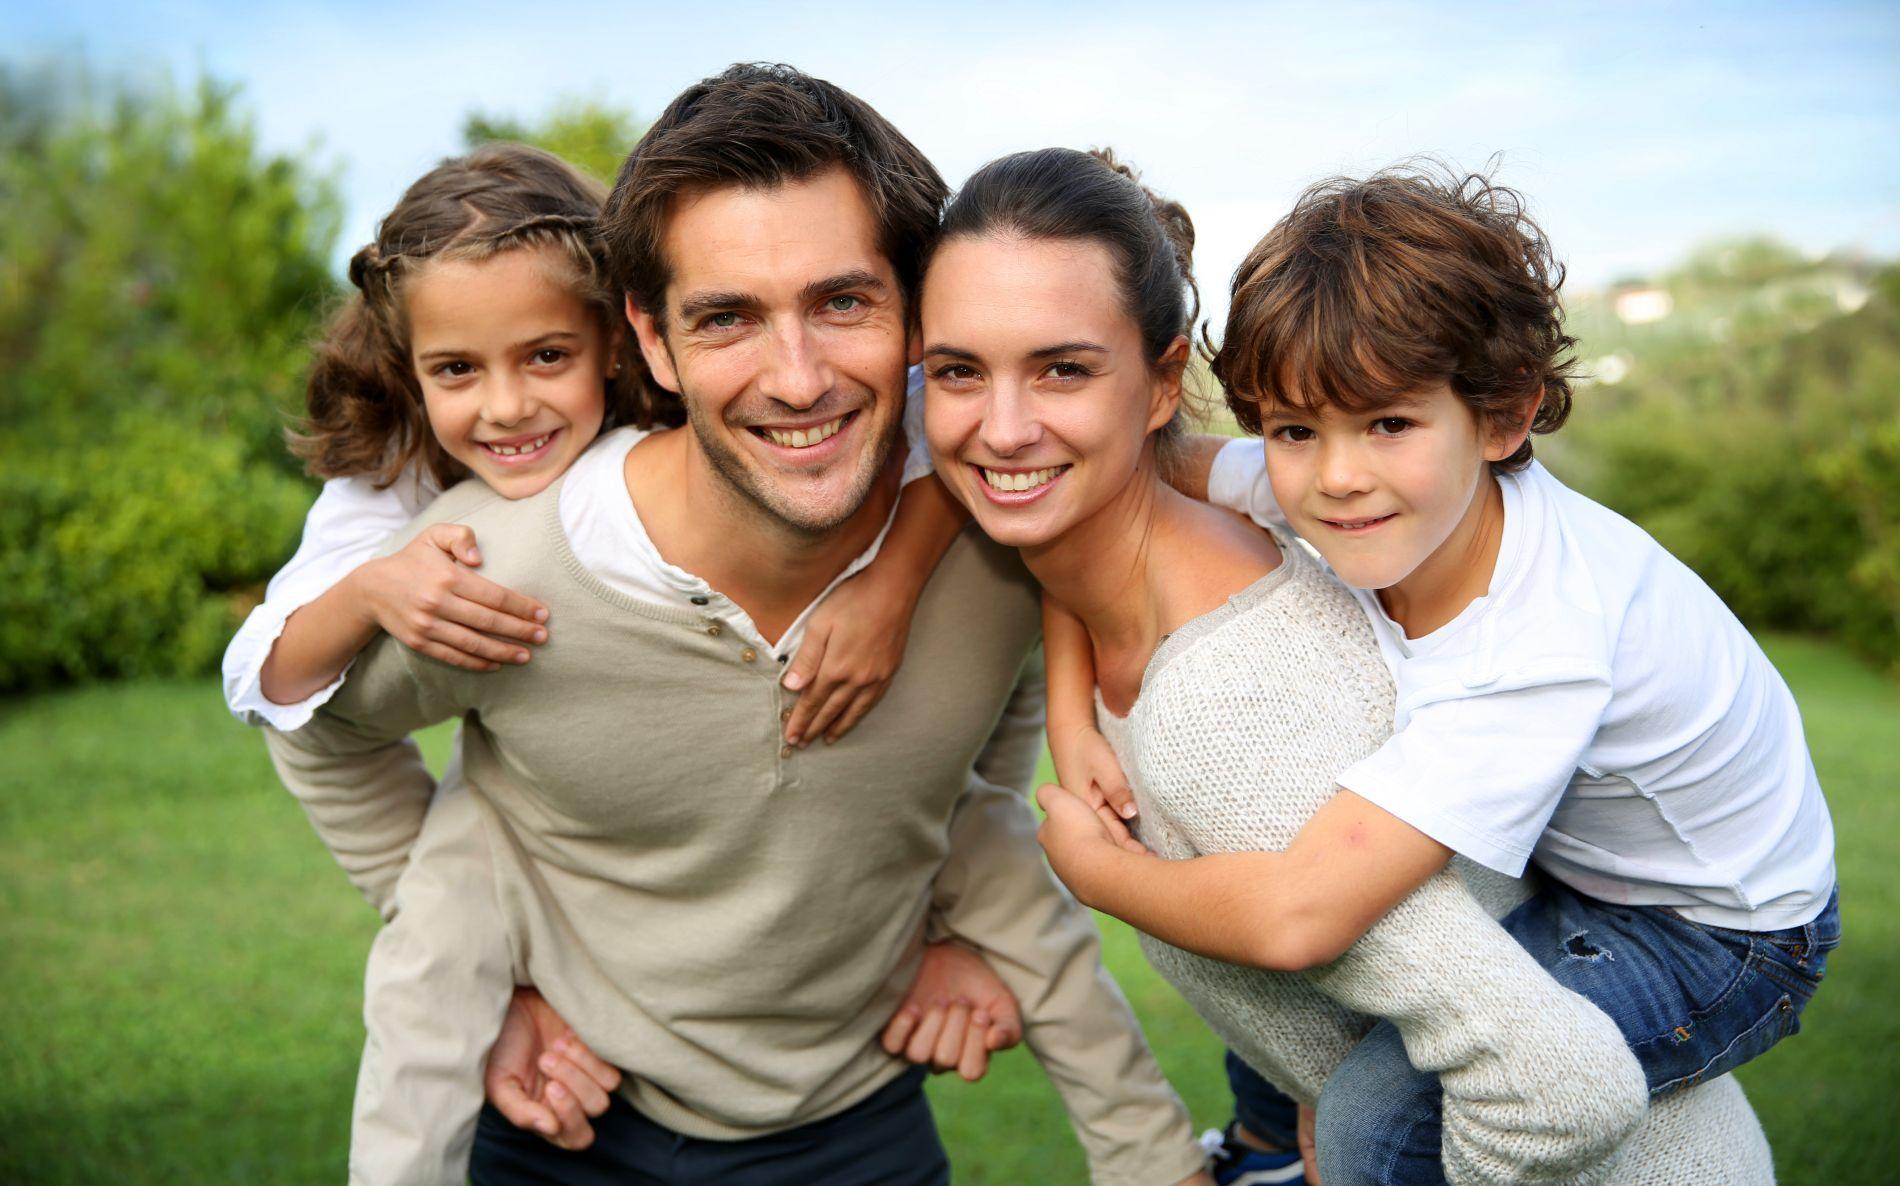 Ținute asortate pentru cele mai drăguțe familii